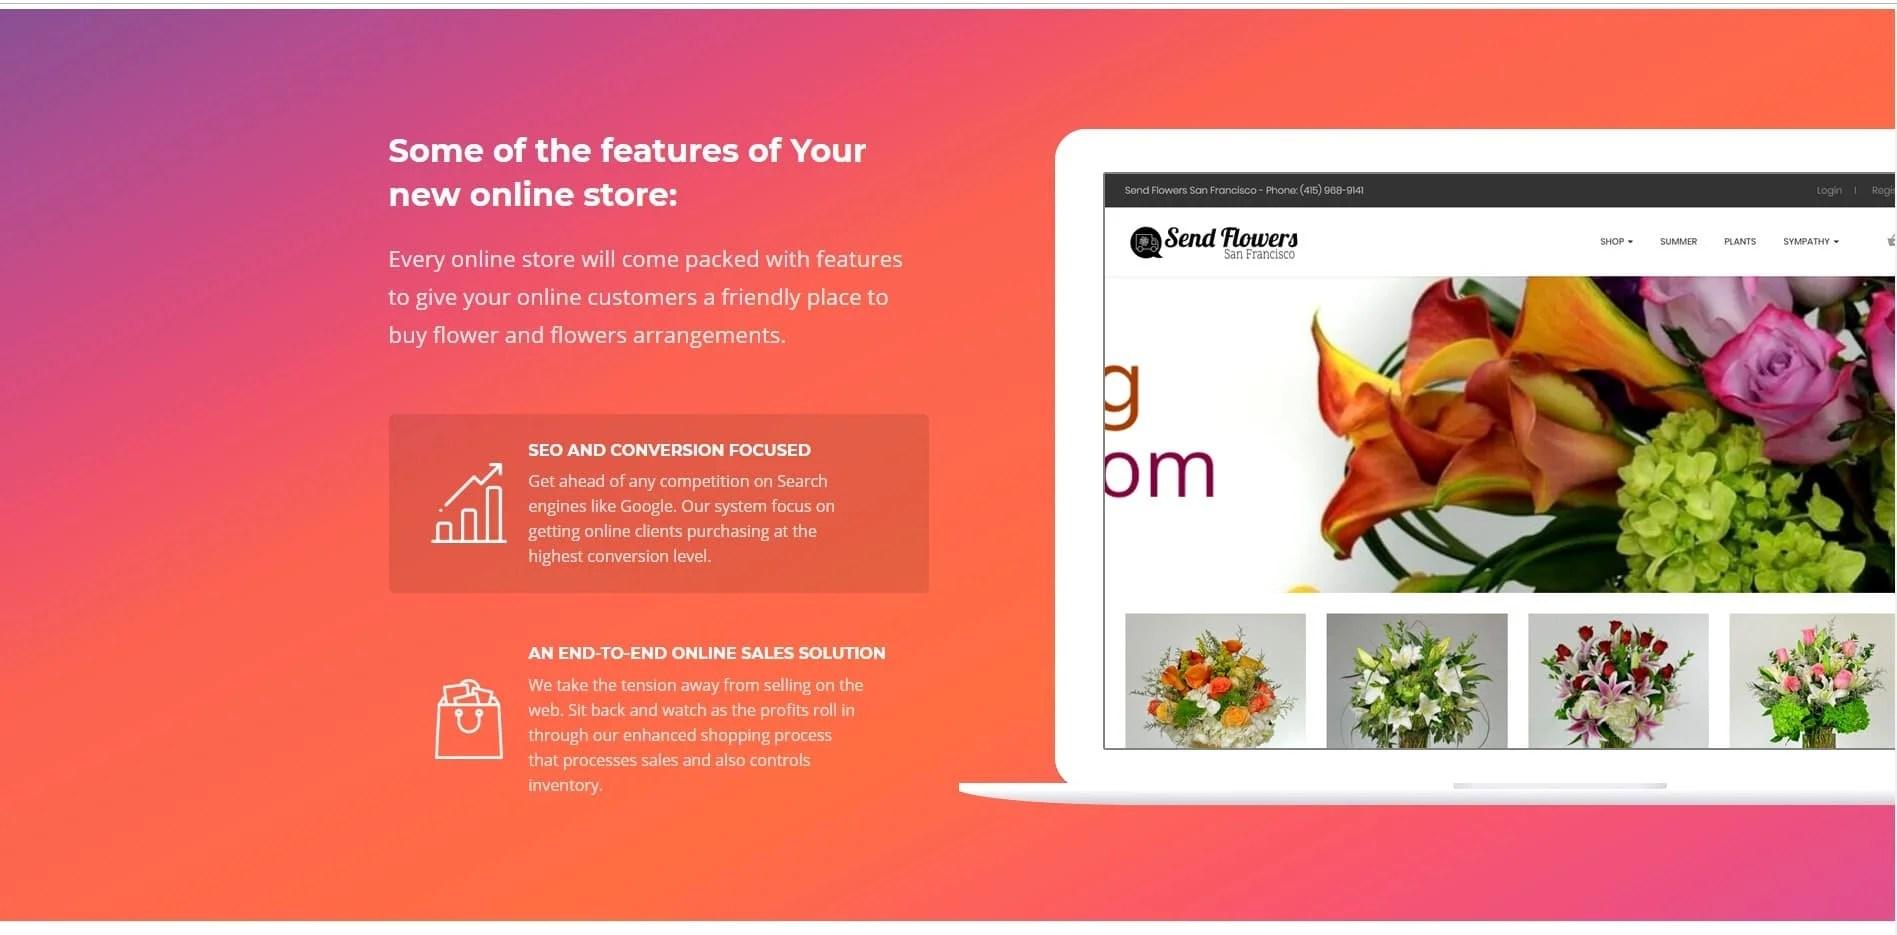 bigPromoter flosesrhug2 FlowerHug Florist eCommerce